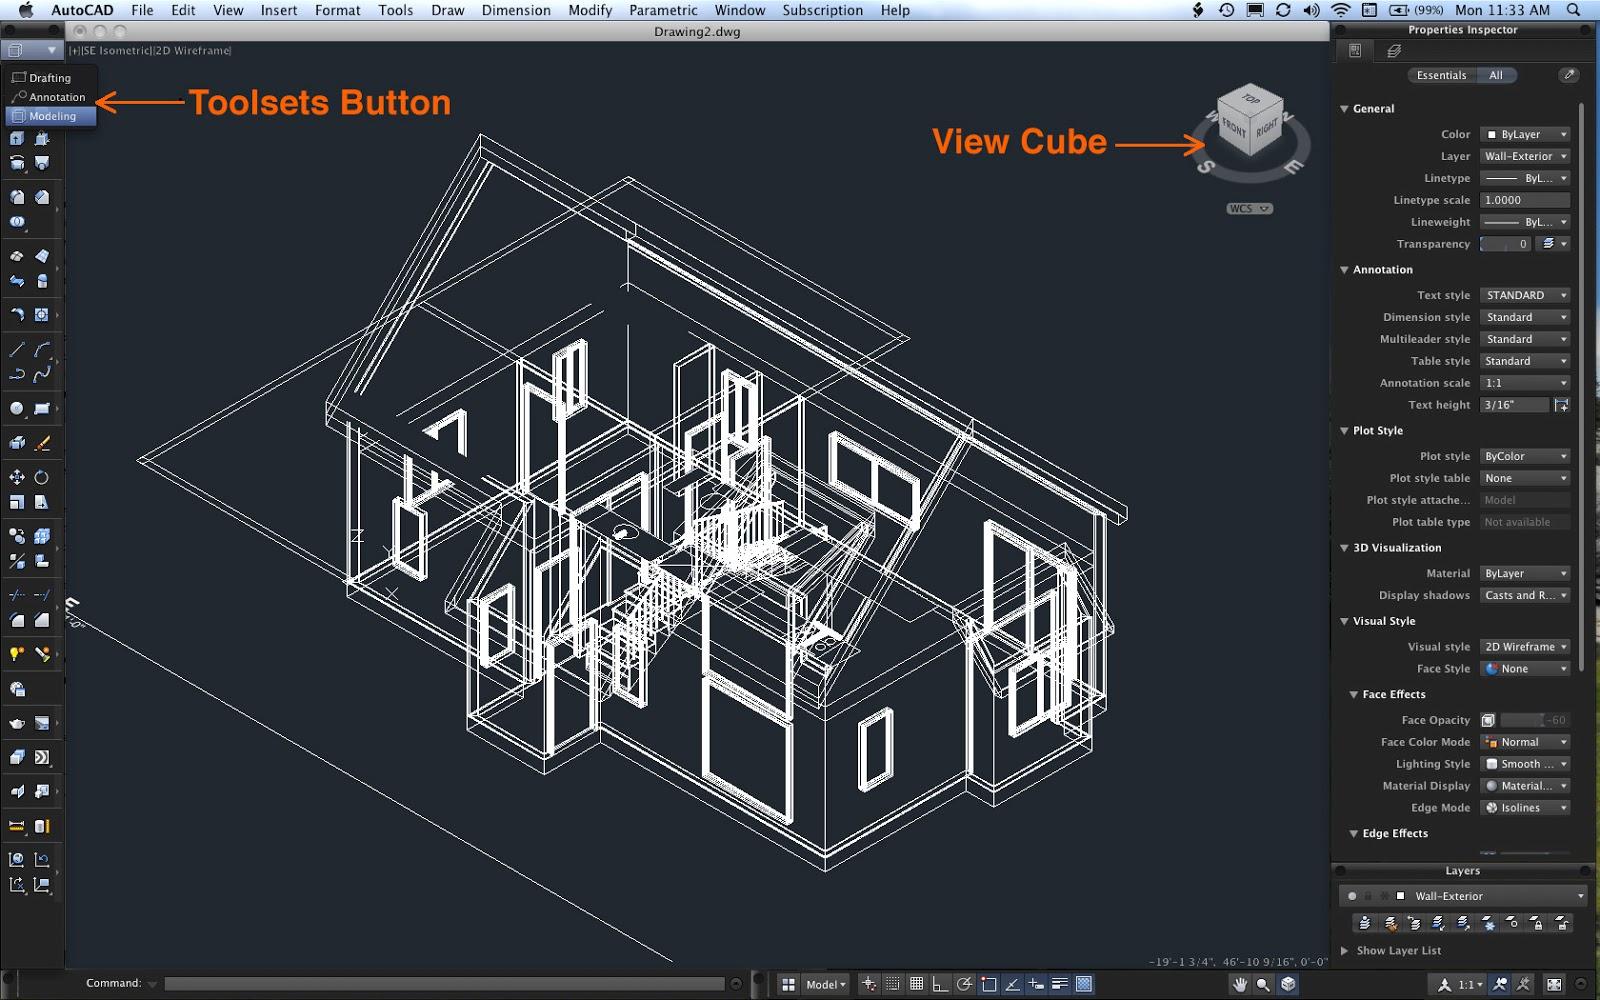 Cara Mendesain Rumah Minimalis Dengan Autocad - Desain Rumah Minimalis ...